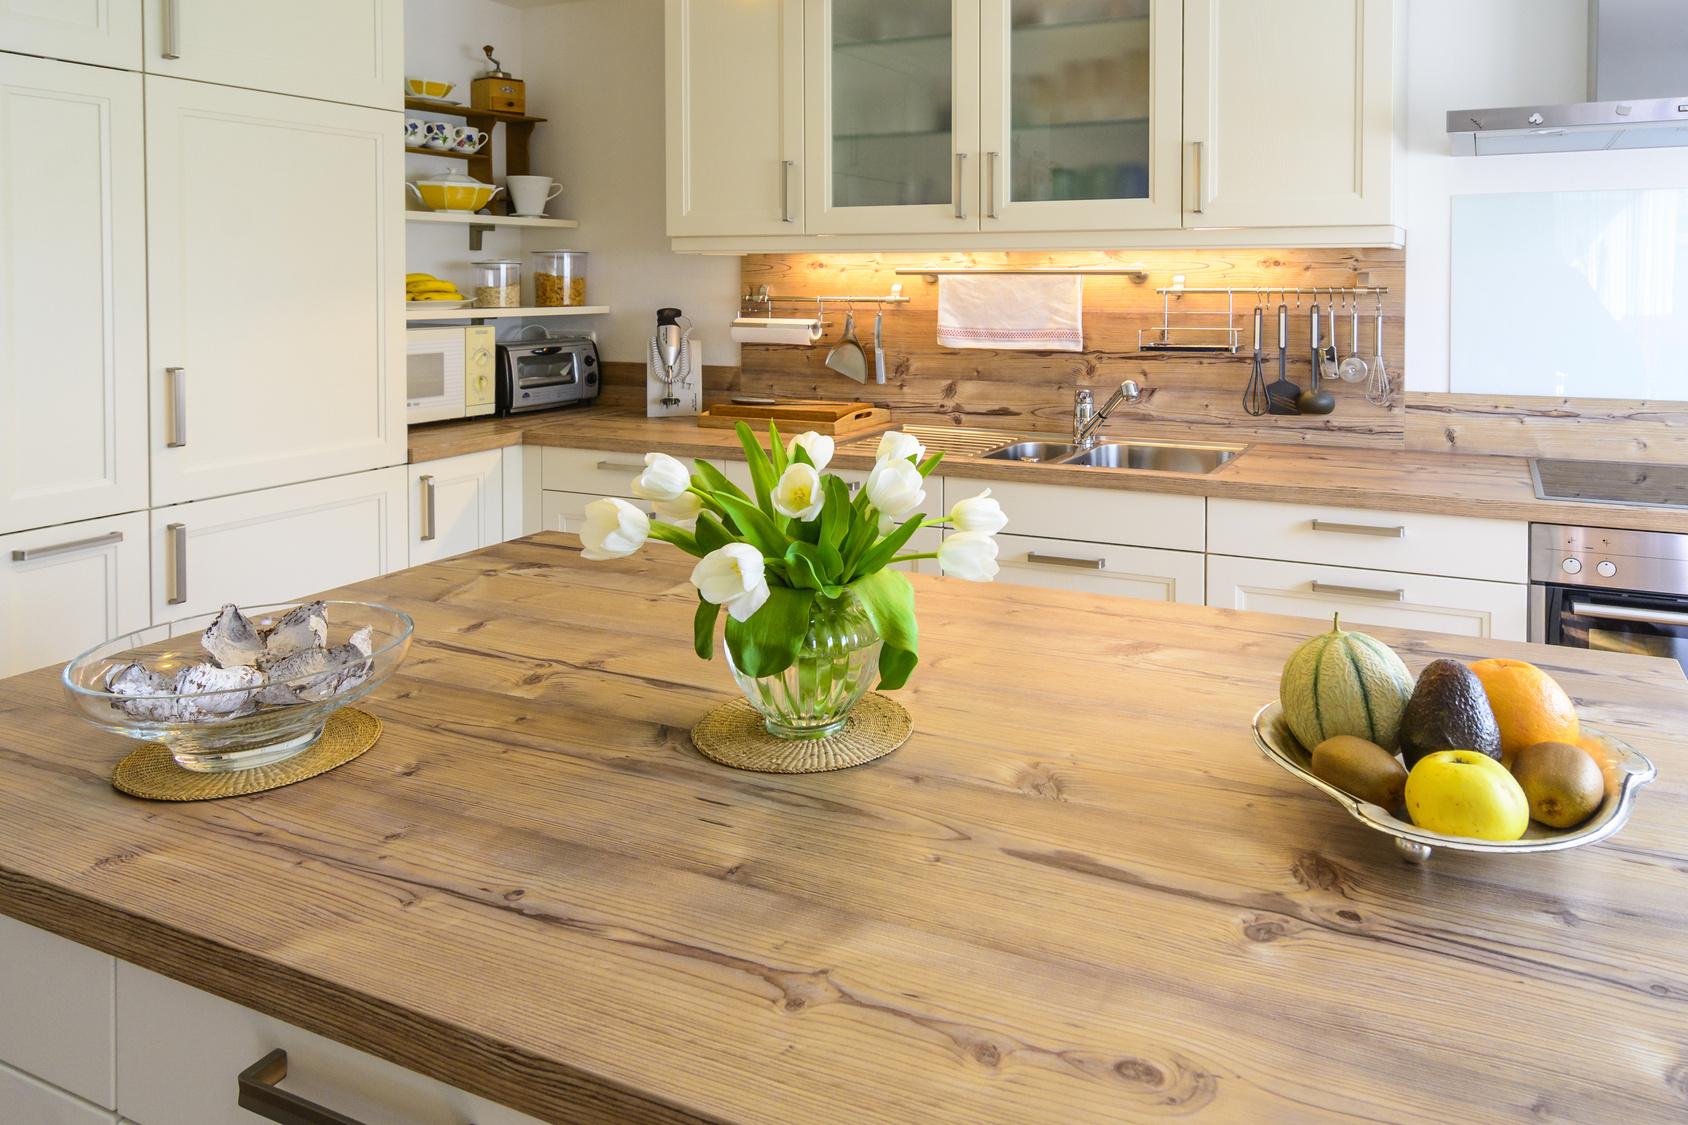 k cheninsel landhausstil modern. Black Bedroom Furniture Sets. Home Design Ideas